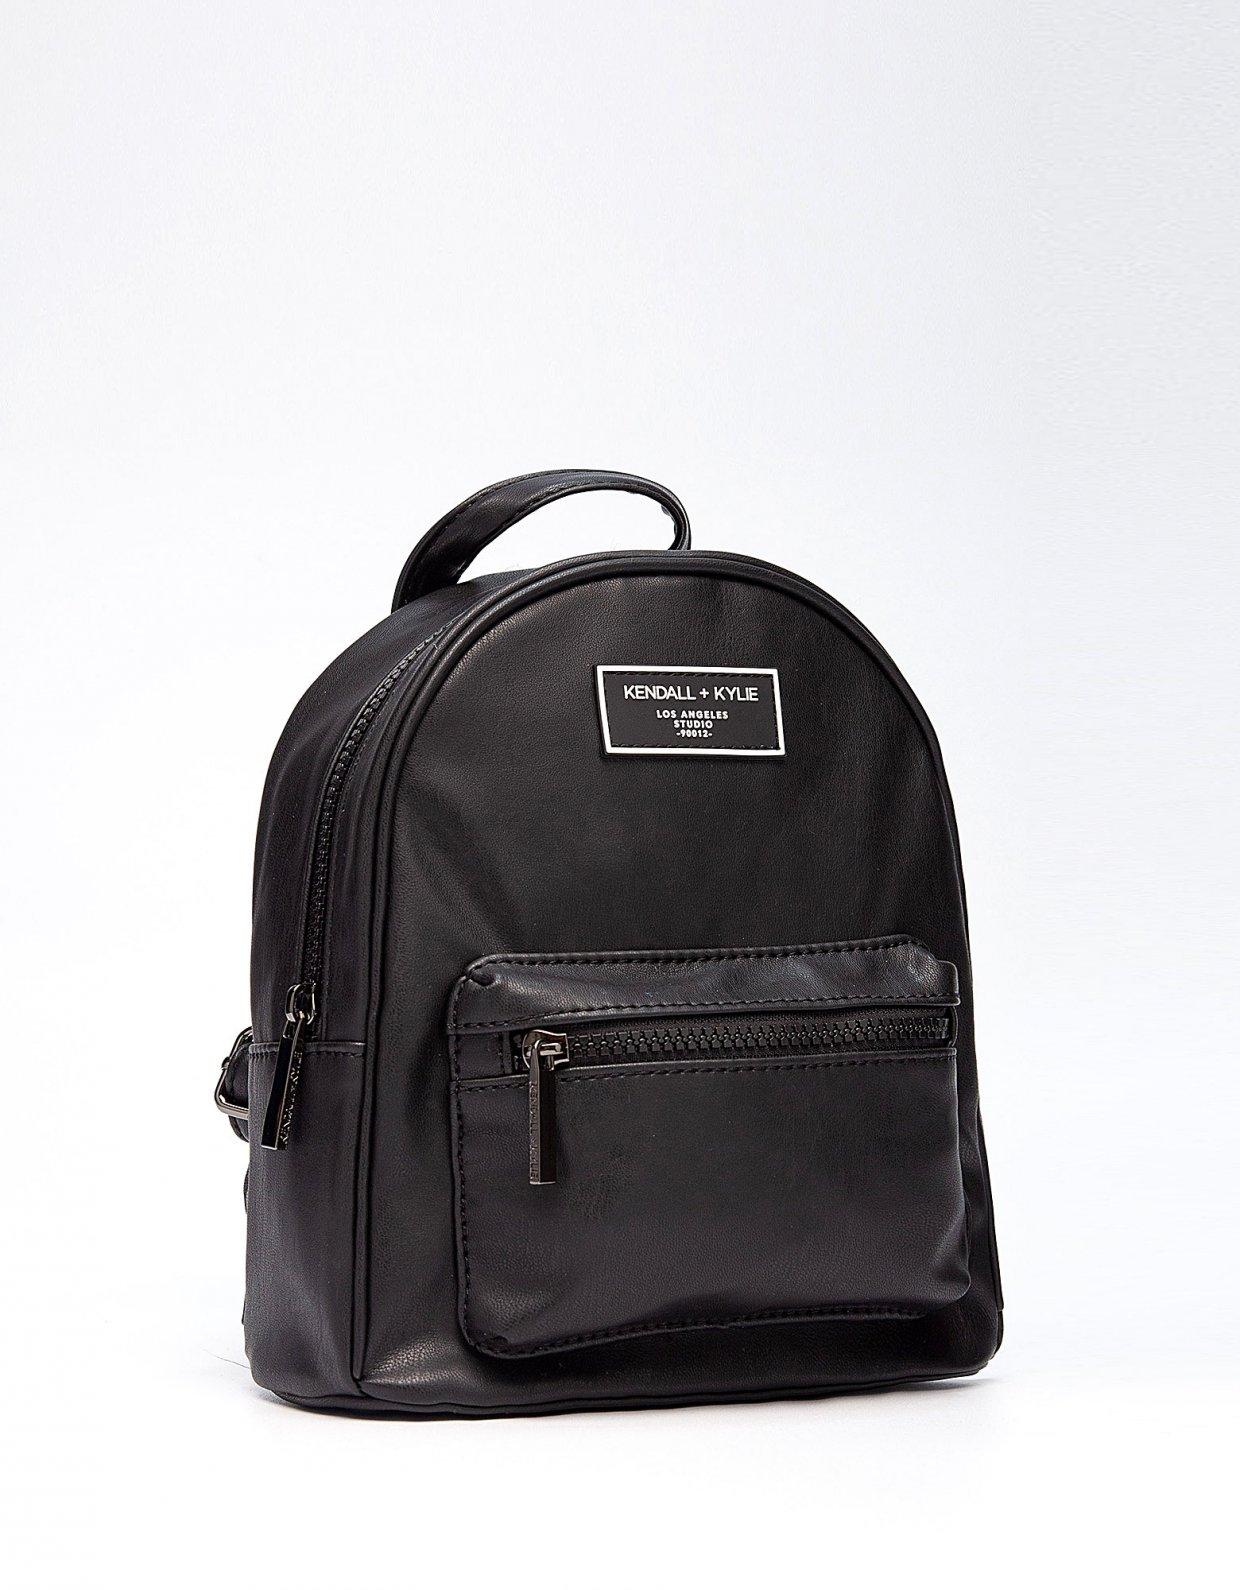 Kendall + Kylie Sam mini backpack black